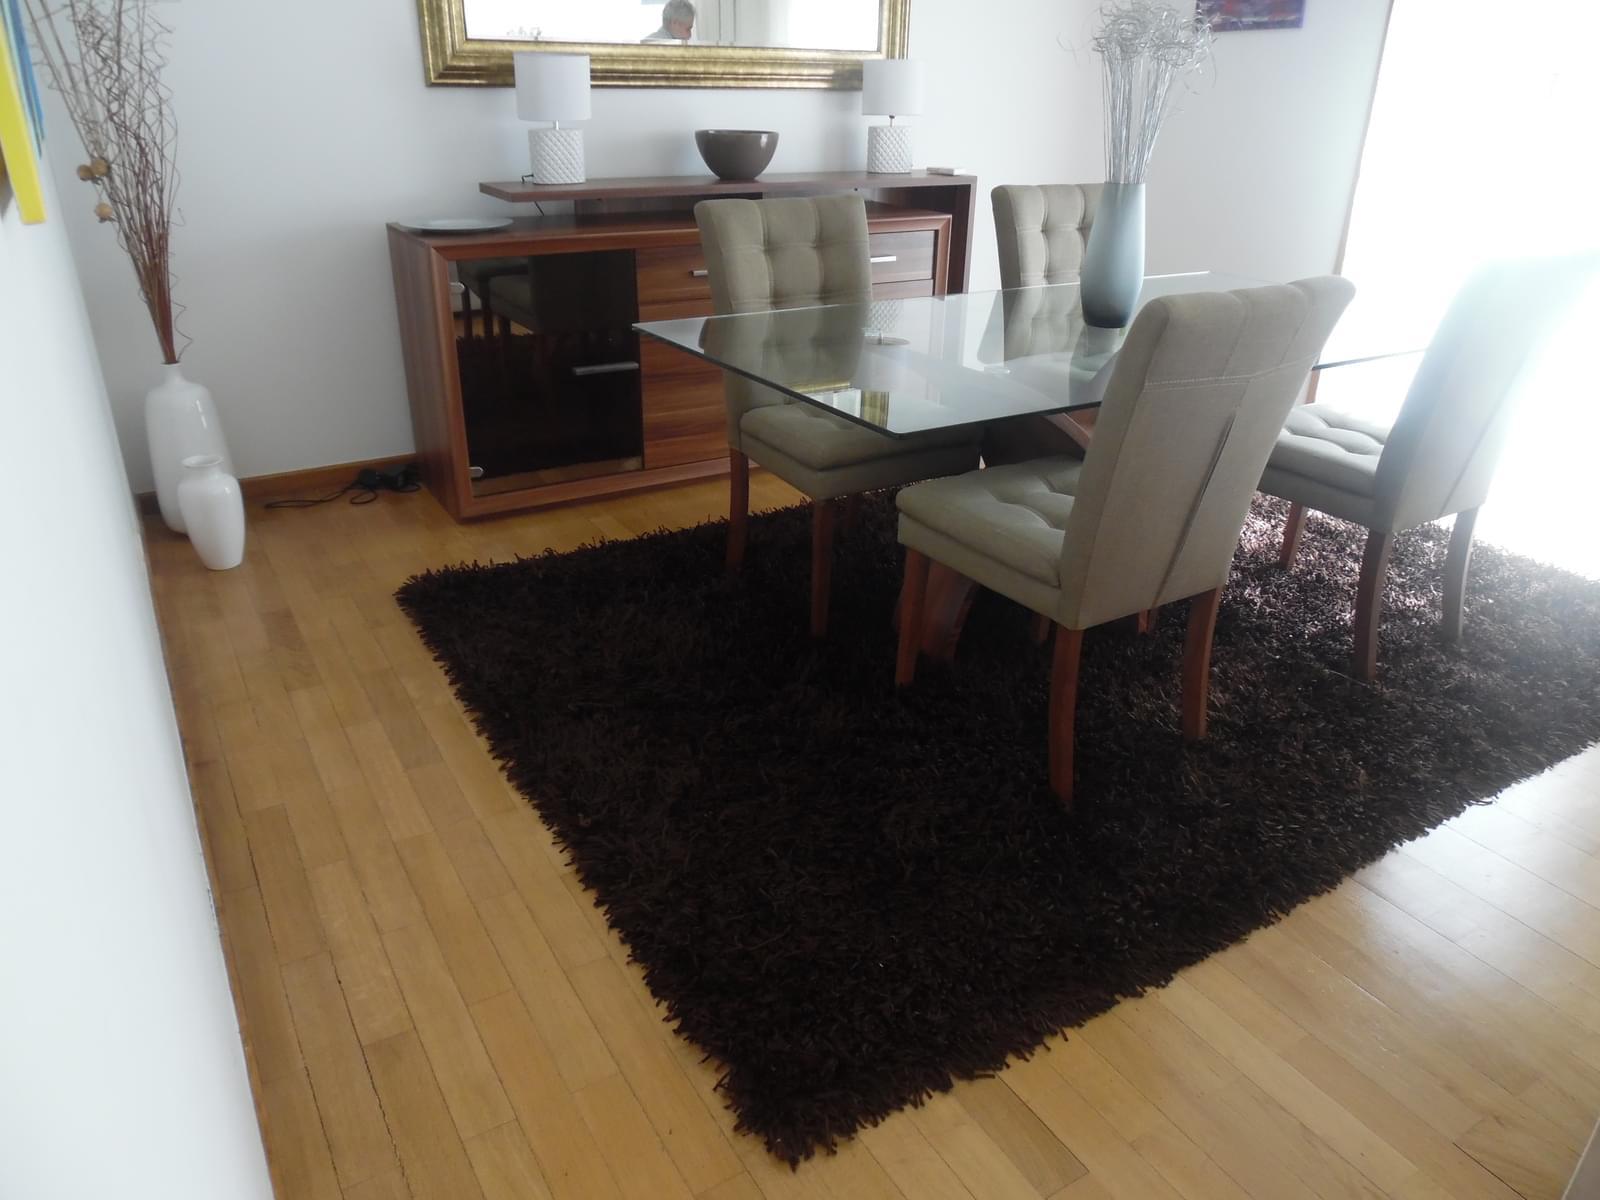 pf18329-apartamento-t1-lisboa-5d40309f-6521-4b64-9c85-3f9a6c68184e